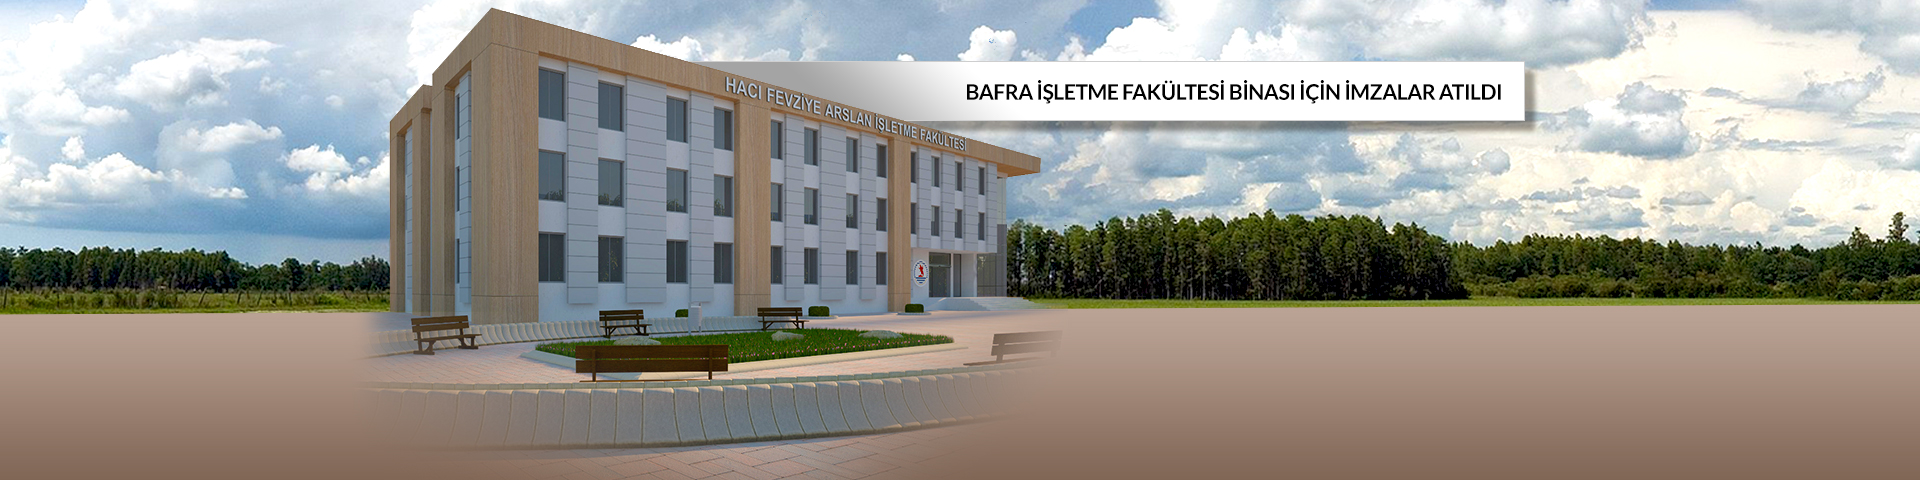 http://www.omu.edu.tr/sites/default/files/files/bafrali_arslan_ailesinden_bafraya_fakulte_binasi/bafra-isletme-fakultesi-binasi-icin-imzalar-atildi.jpg